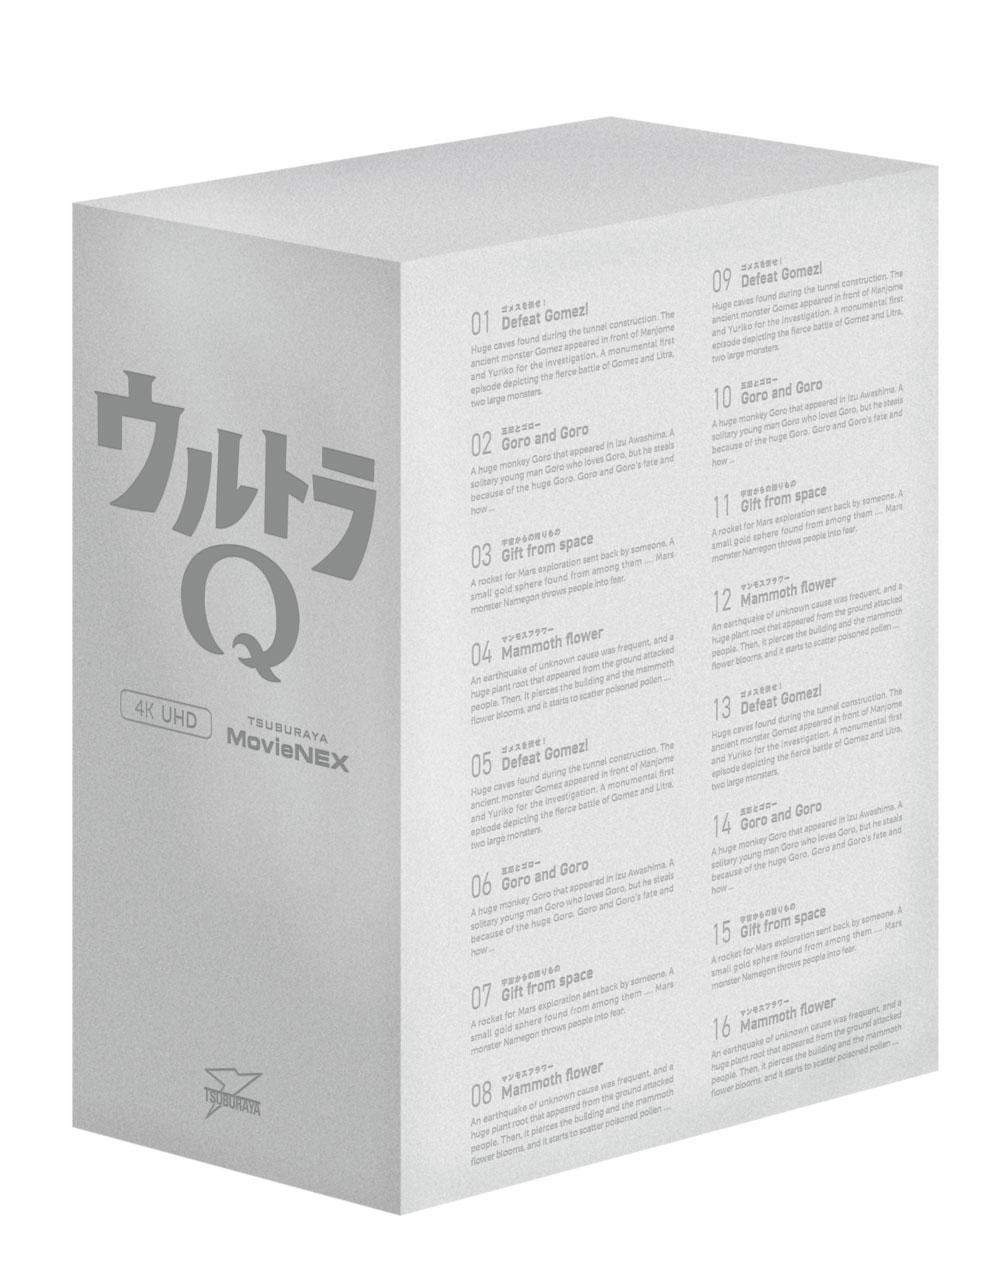 画像1: 『ウルトラQ』が4K仕様でボックス化。BD&ストリーミングも楽しめるスペシャルパッケージが11月20日に発売。7万円!